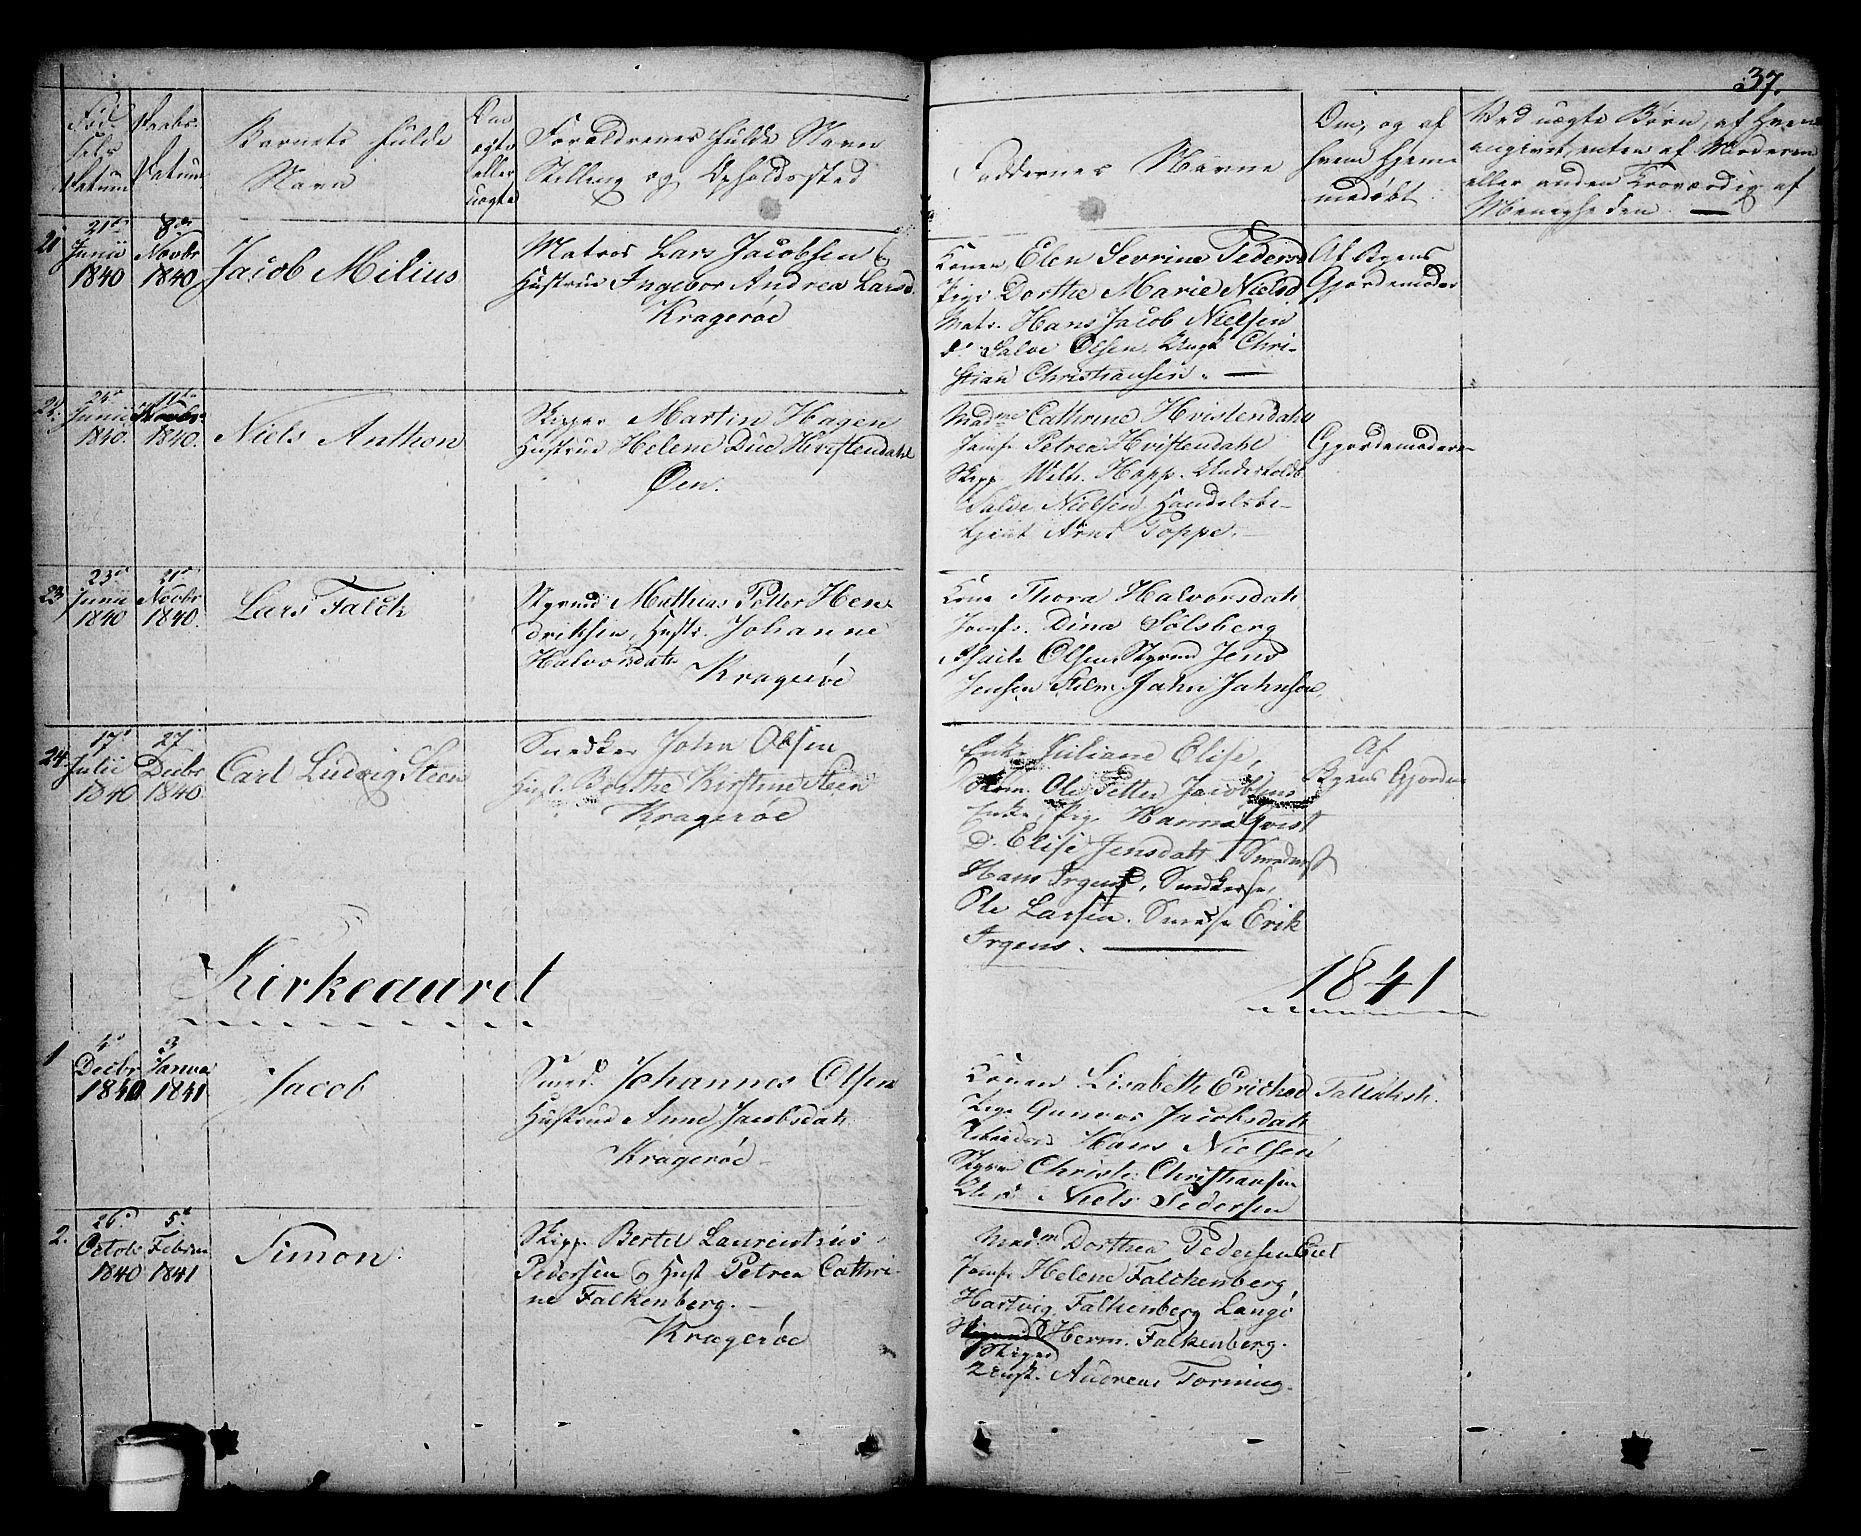 SAKO, Kragerø kirkebøker, G/Ga/L0003: Klokkerbok nr. 3, 1832-1852, s. 37